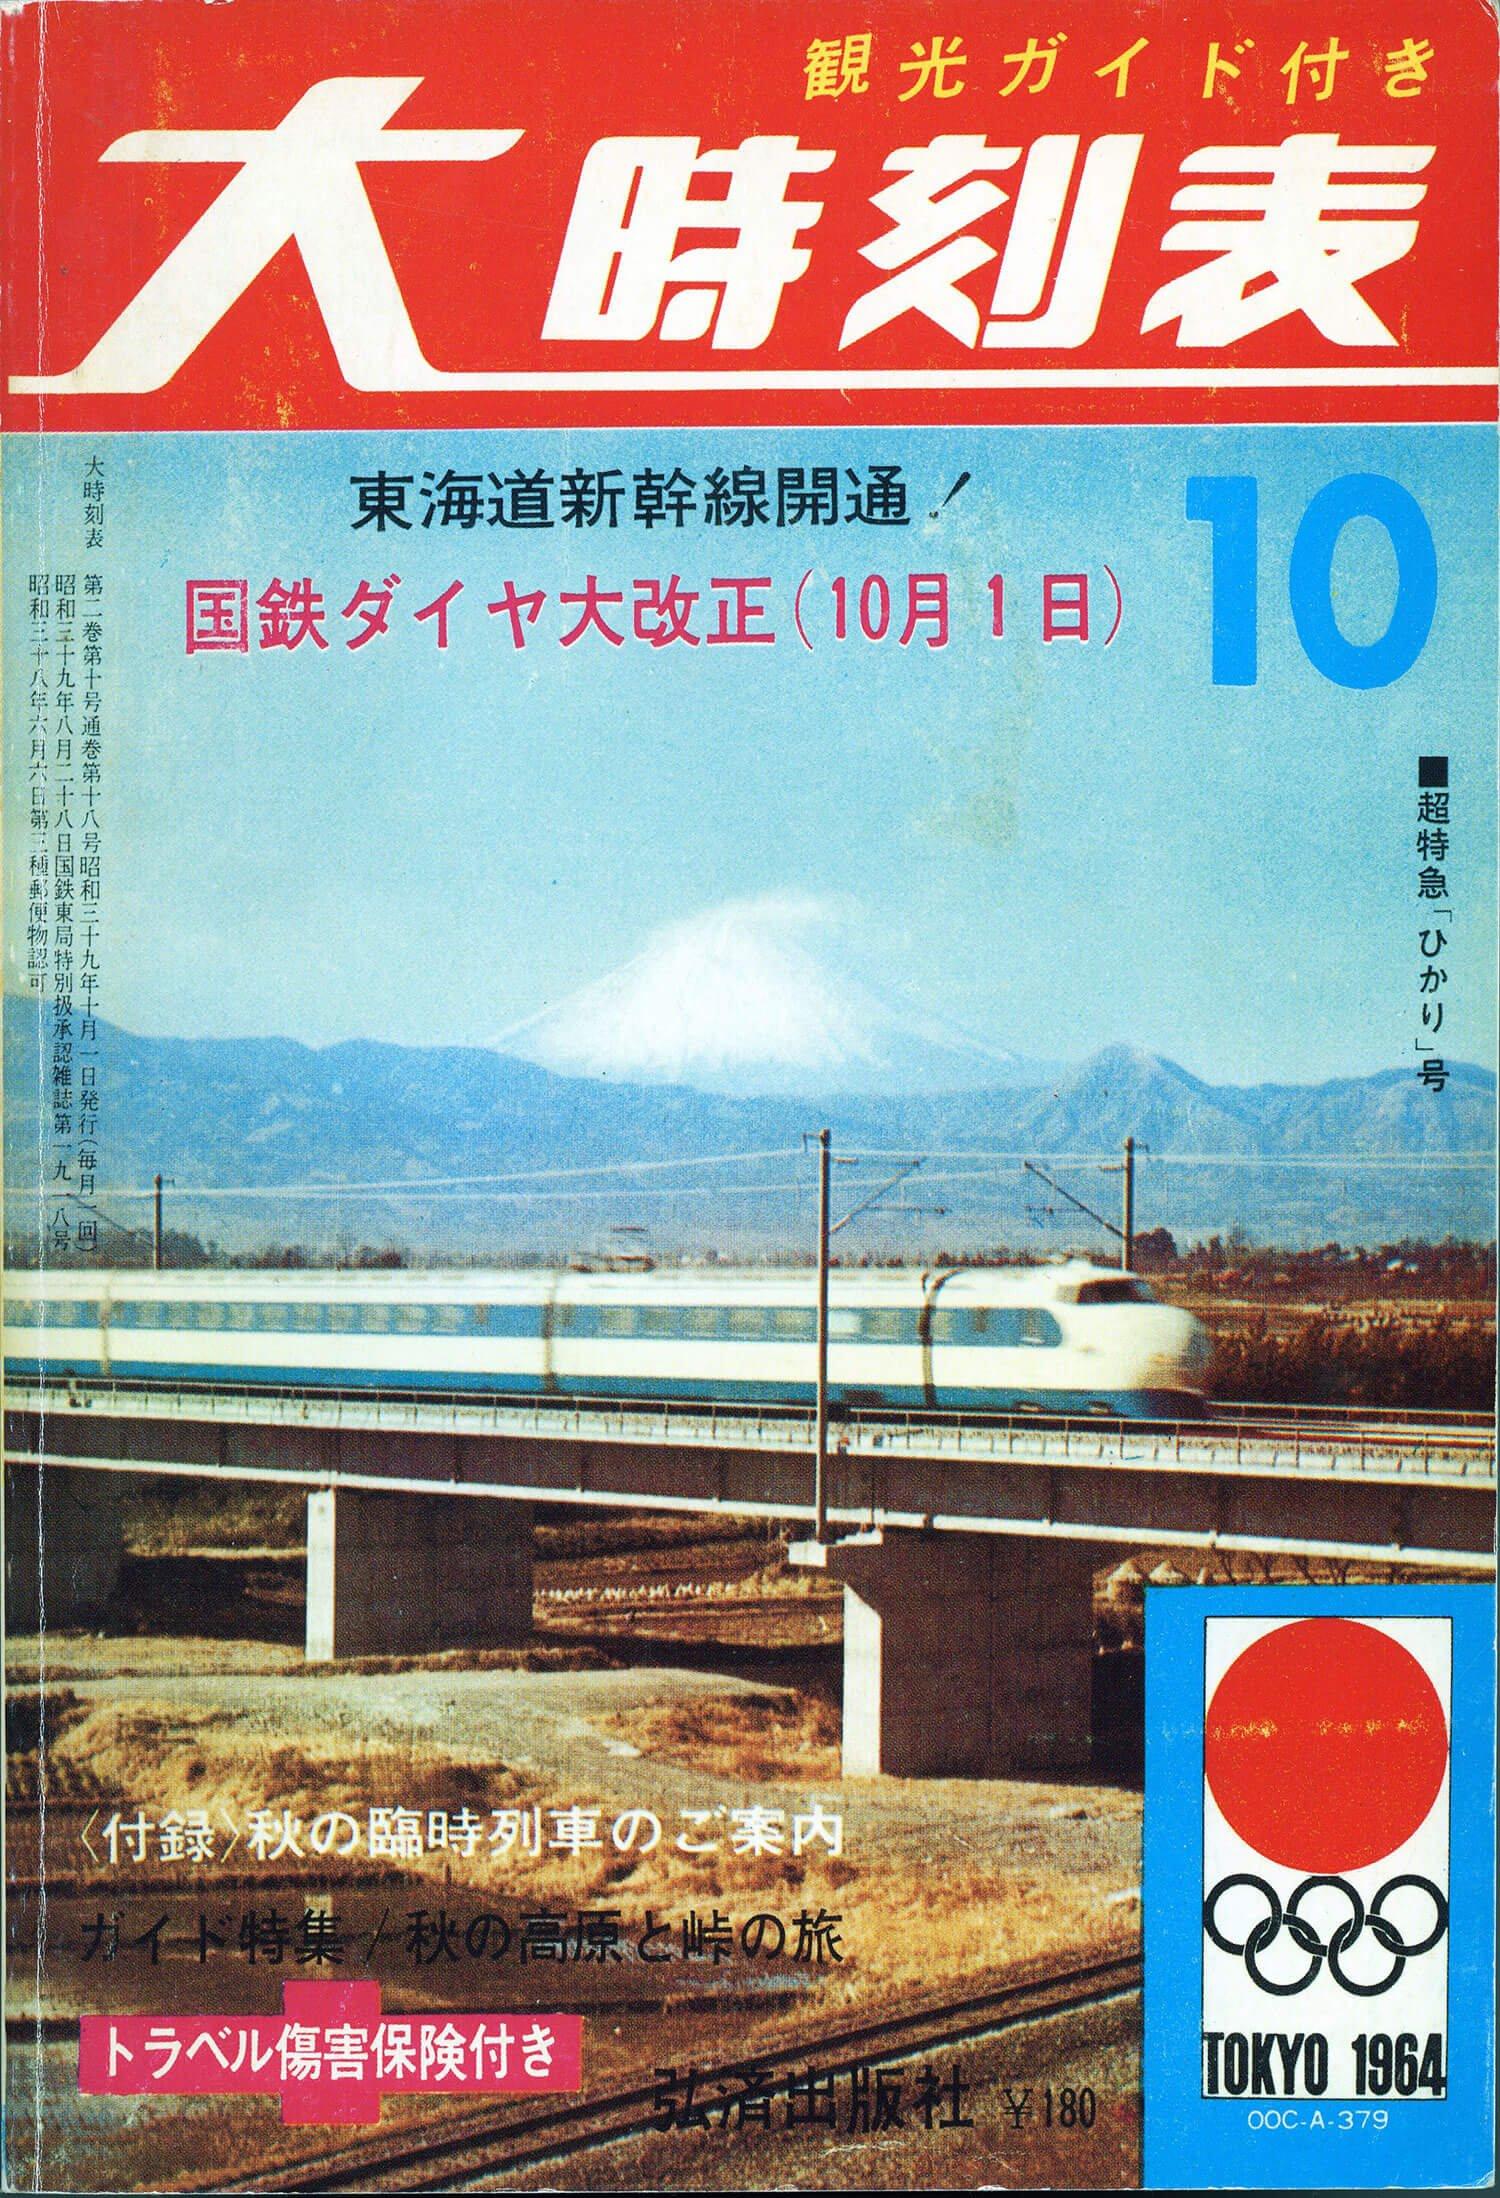 「大時刻表」に誌名変更、国鉄全線全駅を掲載。東海道新幹線開業の年。表紙には東京オリンピックのマークをあしらった華やかな号だ。